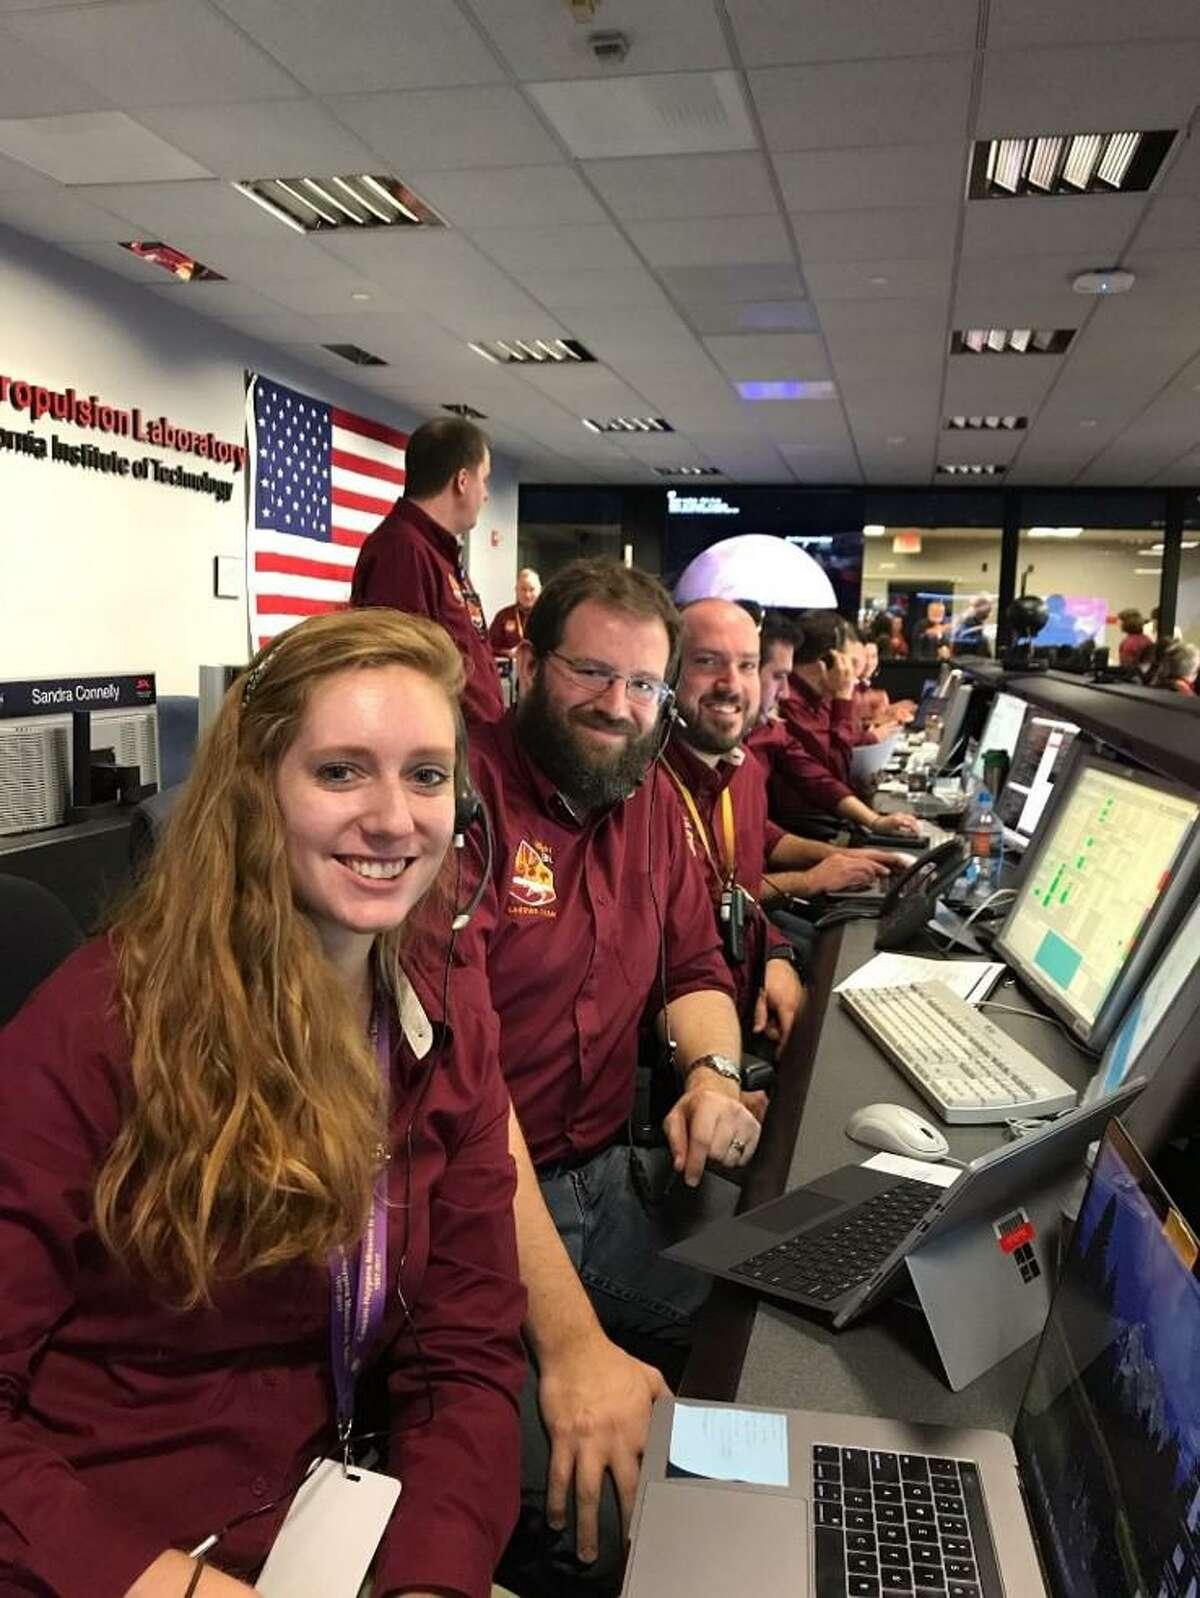 Kyle Cloutier at NASA